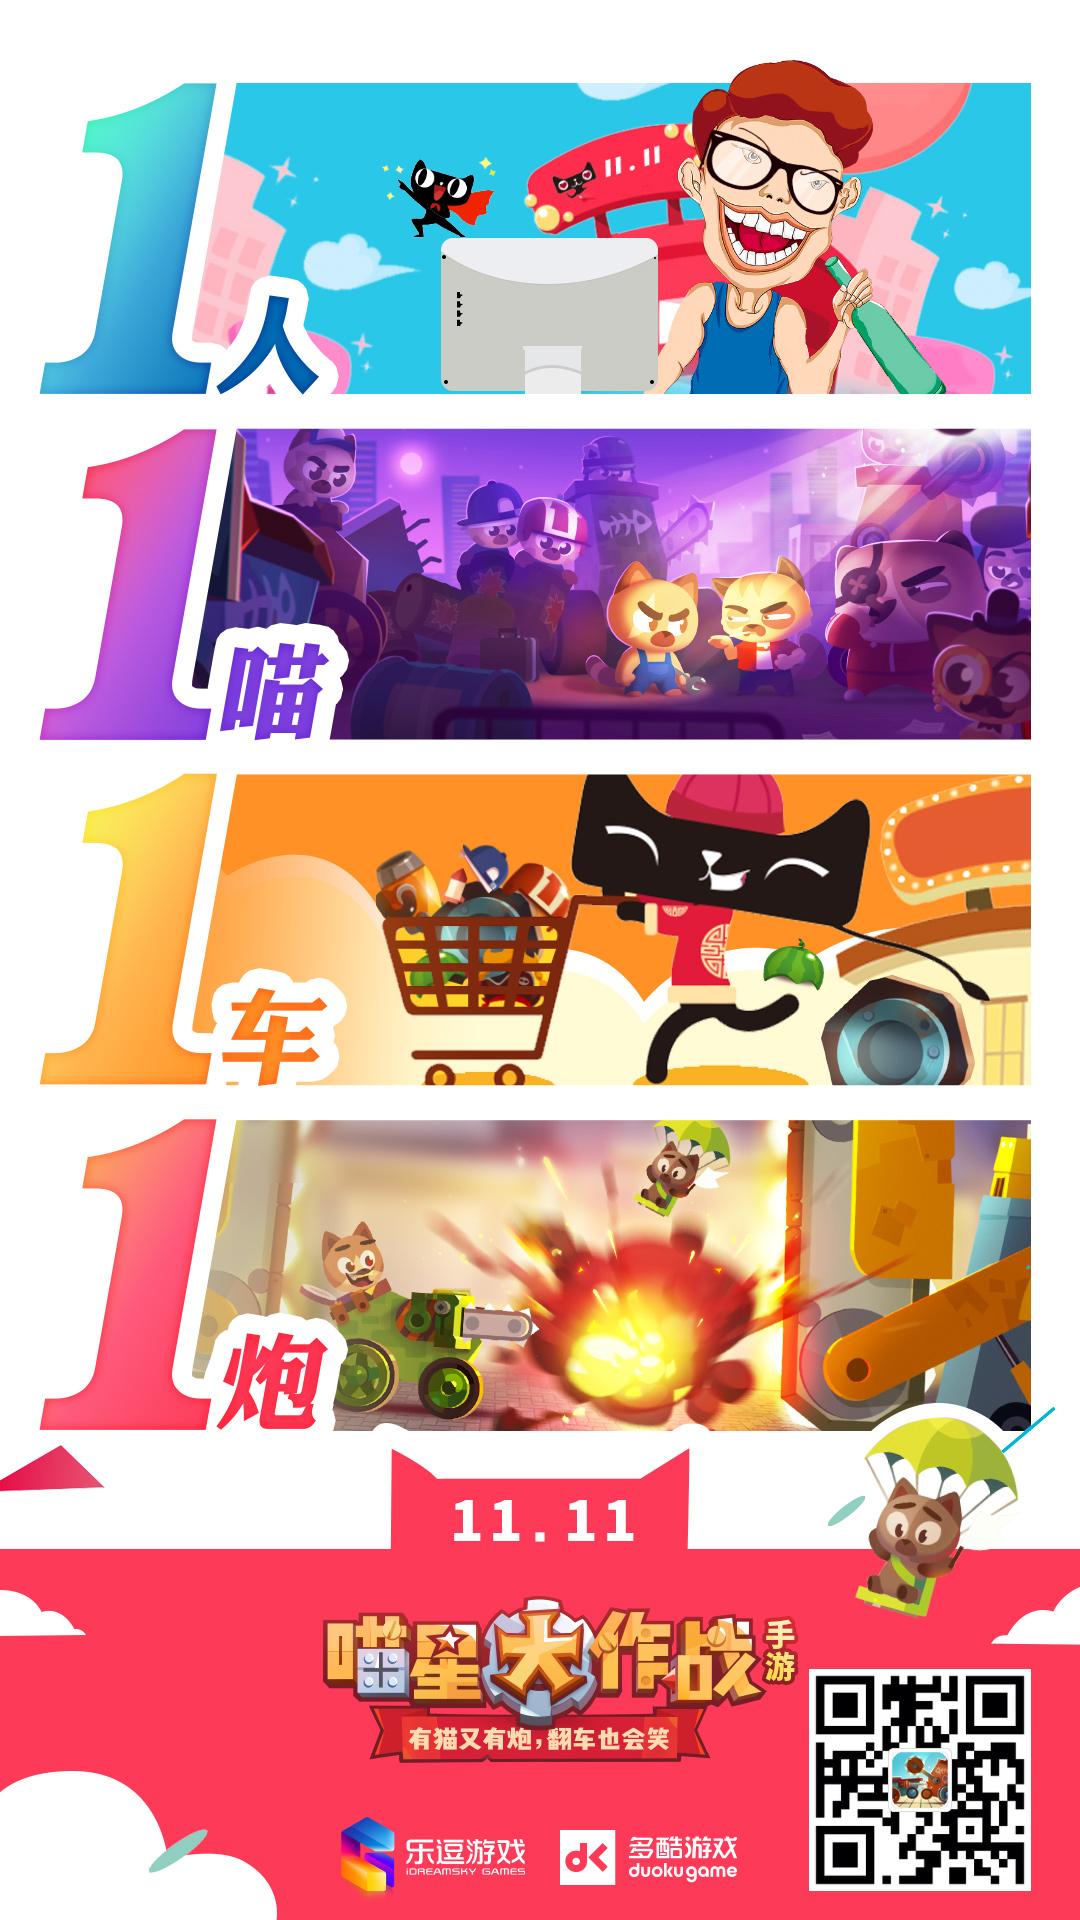 双十一-喵星大作战宣传海报-2-2.jpg